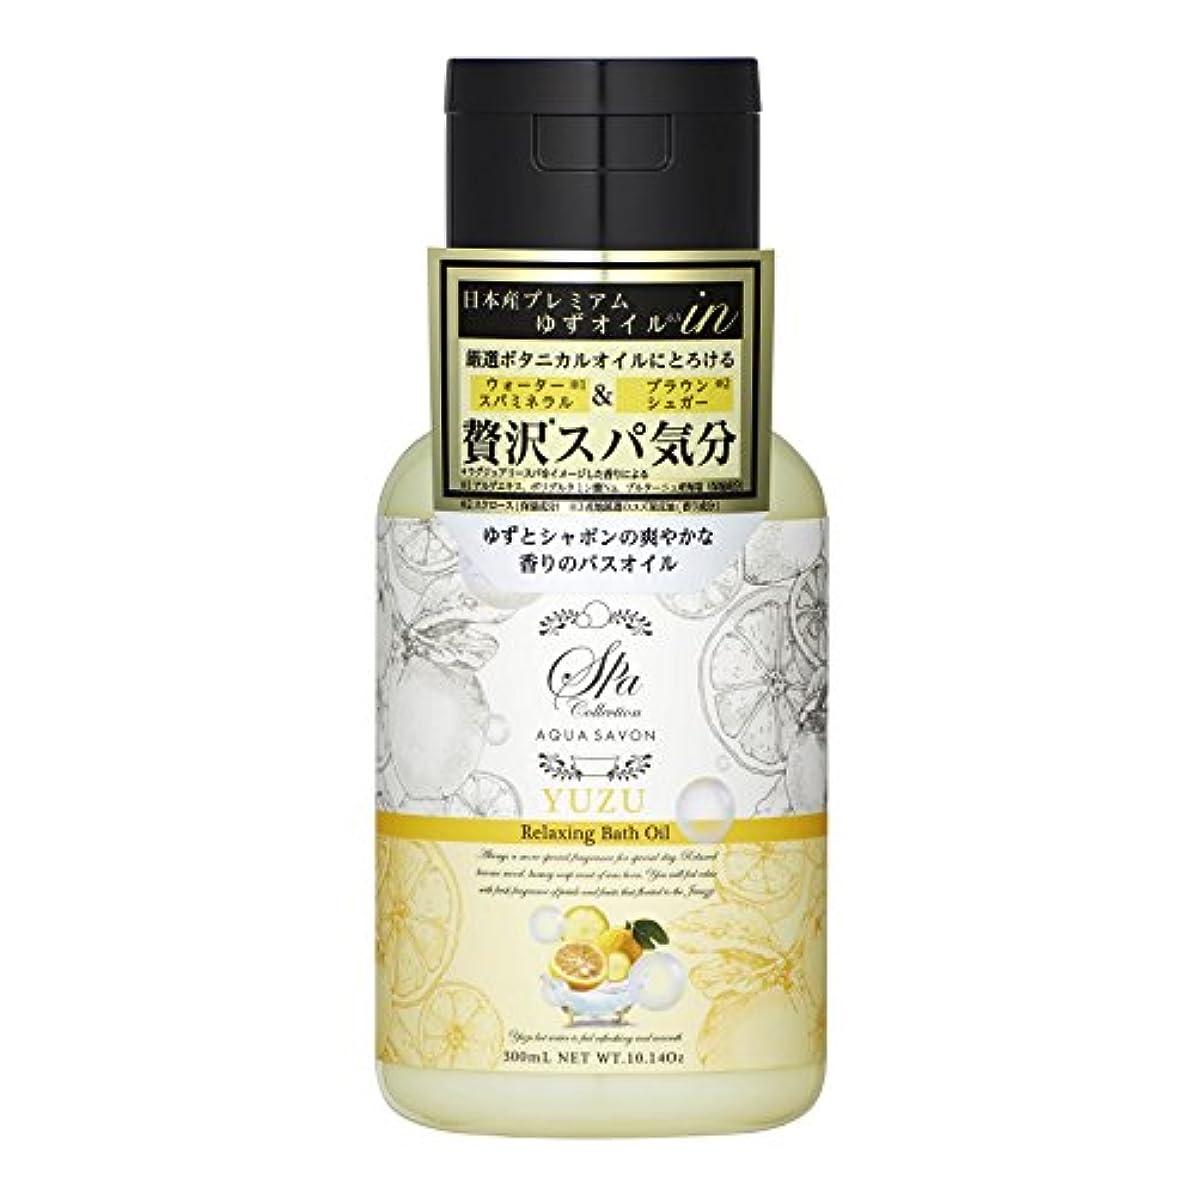 アラブカーペット最近アクアシャボン スパコレクション リラクシングバスオイル ゆずスパの香り 300mL